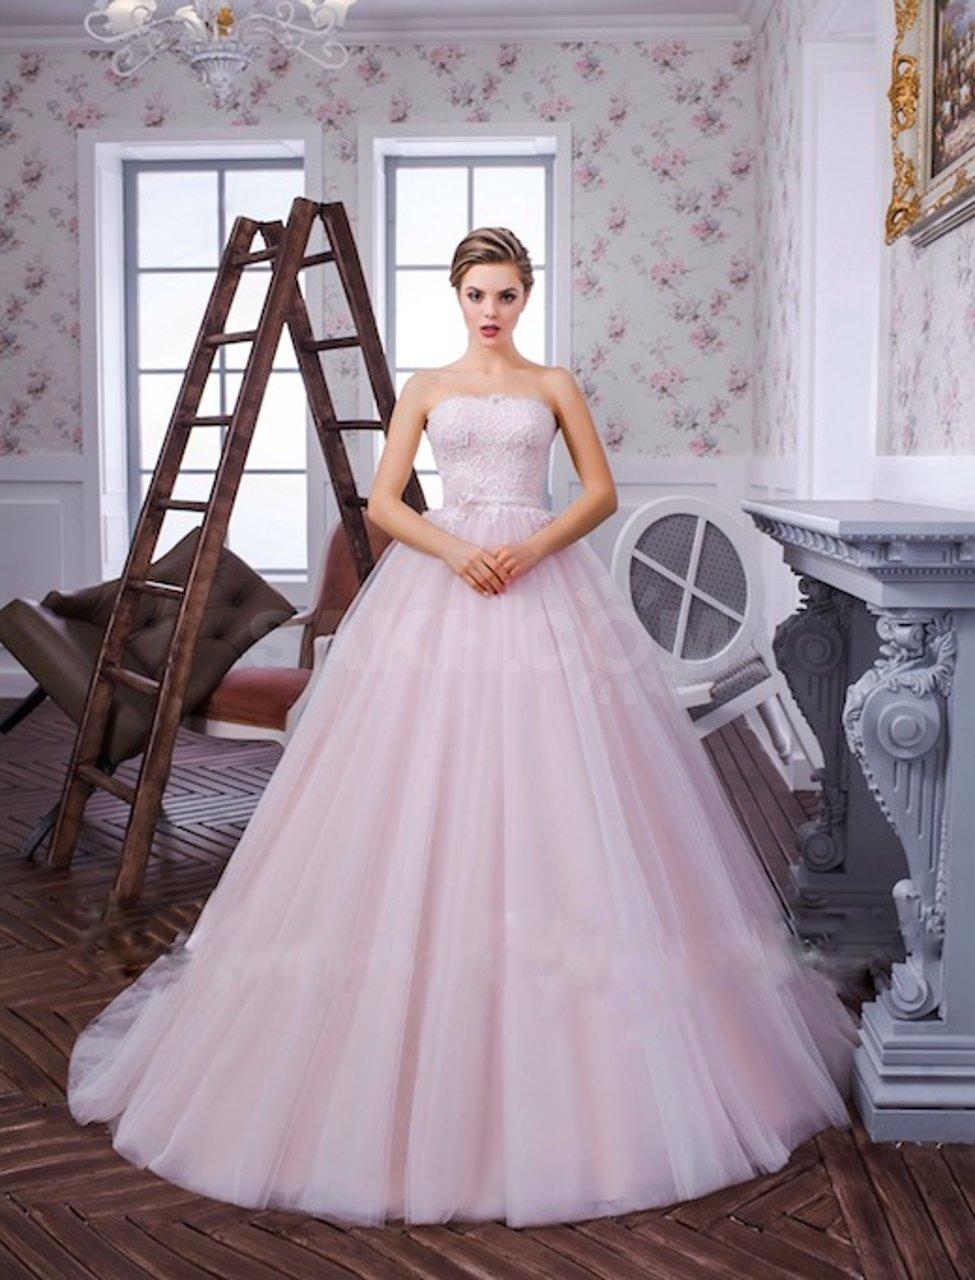 Приметы про свадебные платья